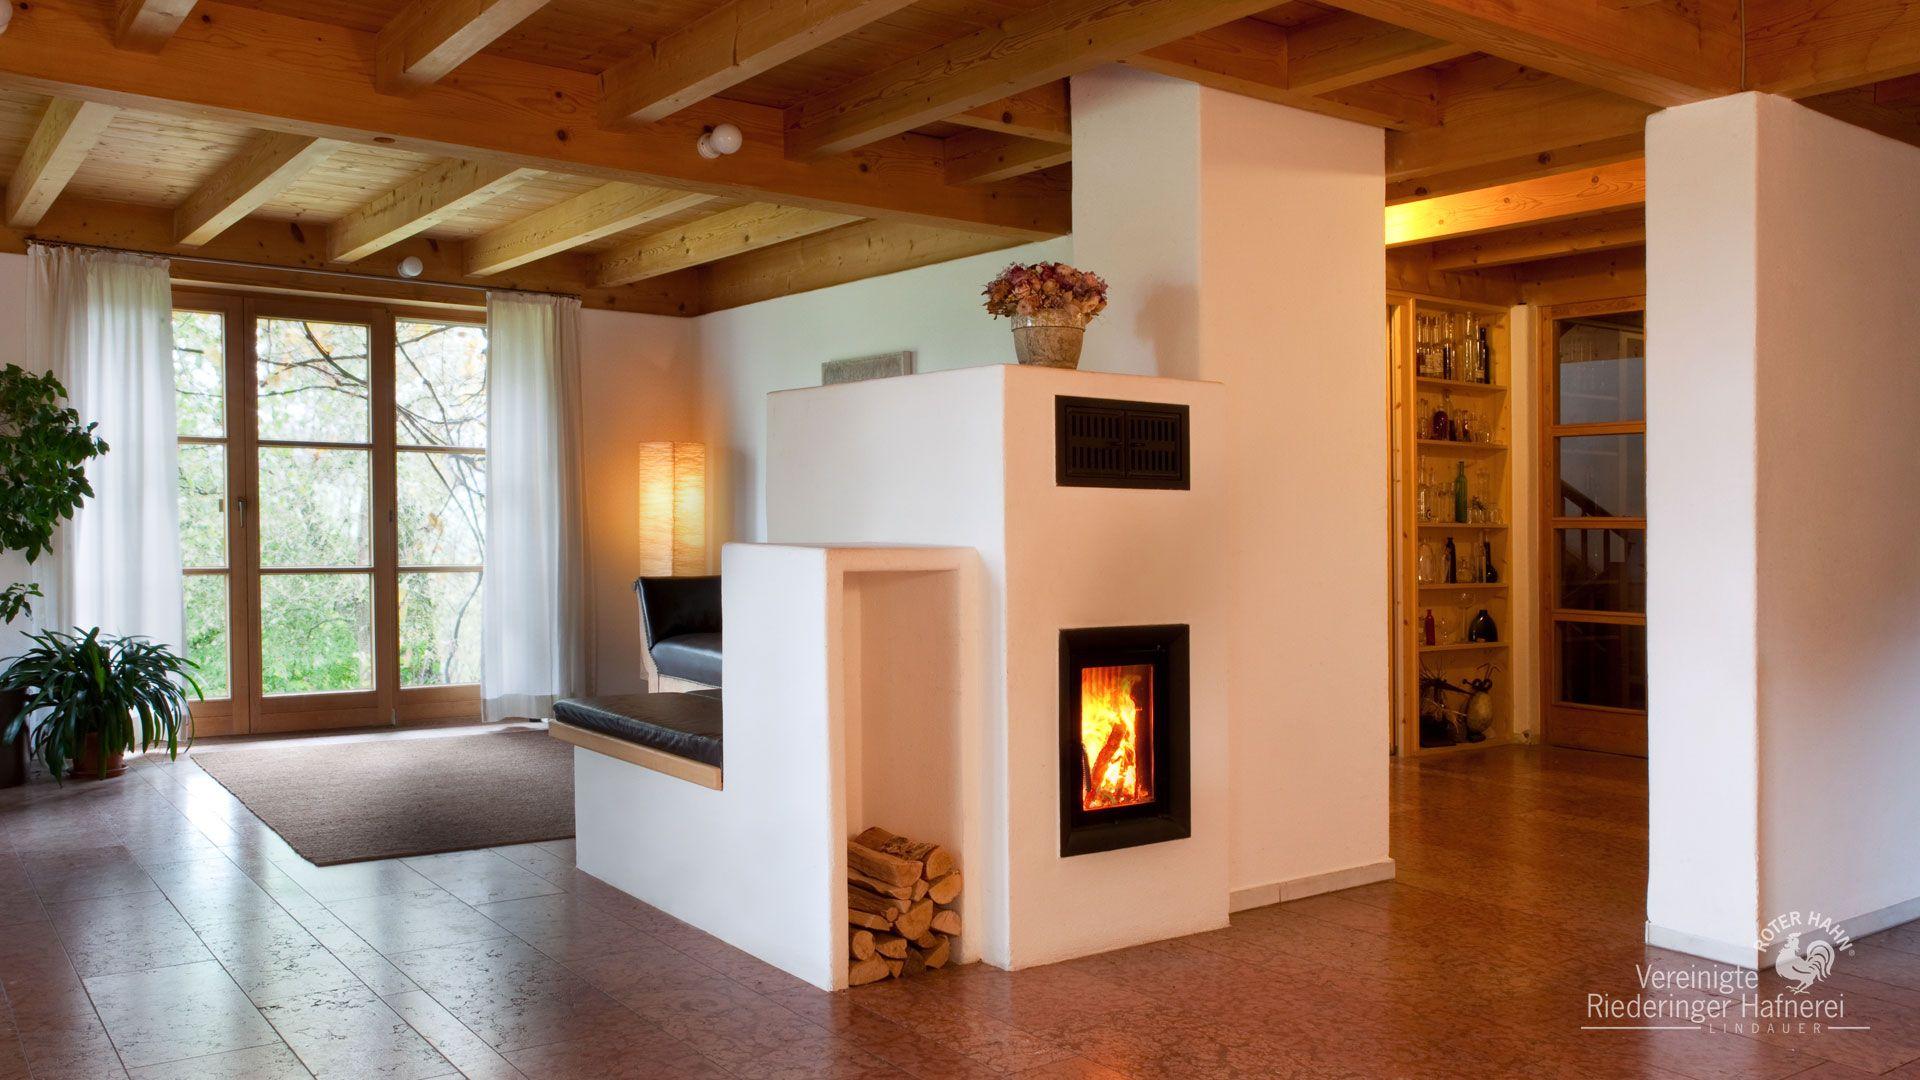 Wohnzimmer des modernen interieurs des hauses moderne kachelöfen  wasserführend  große scheiben ver